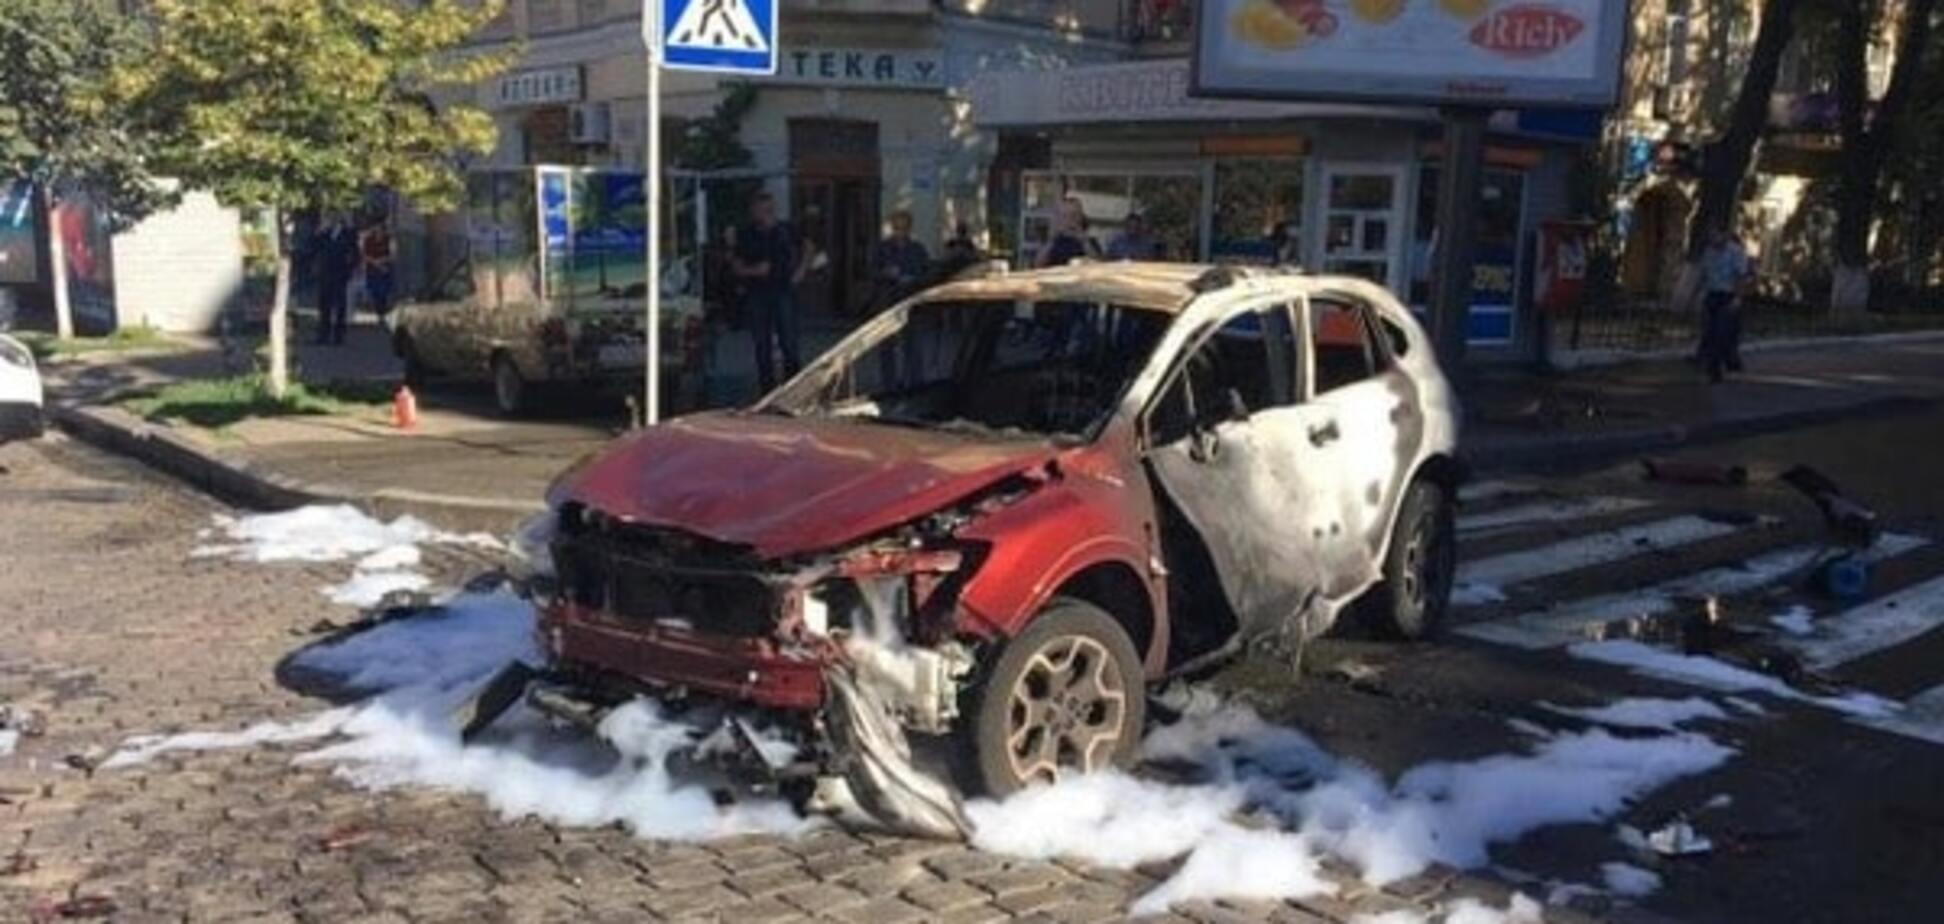 Соцсети об убийстве журналиста Шеремета: Украину пытаются вернуть в 'лихие 90-е'